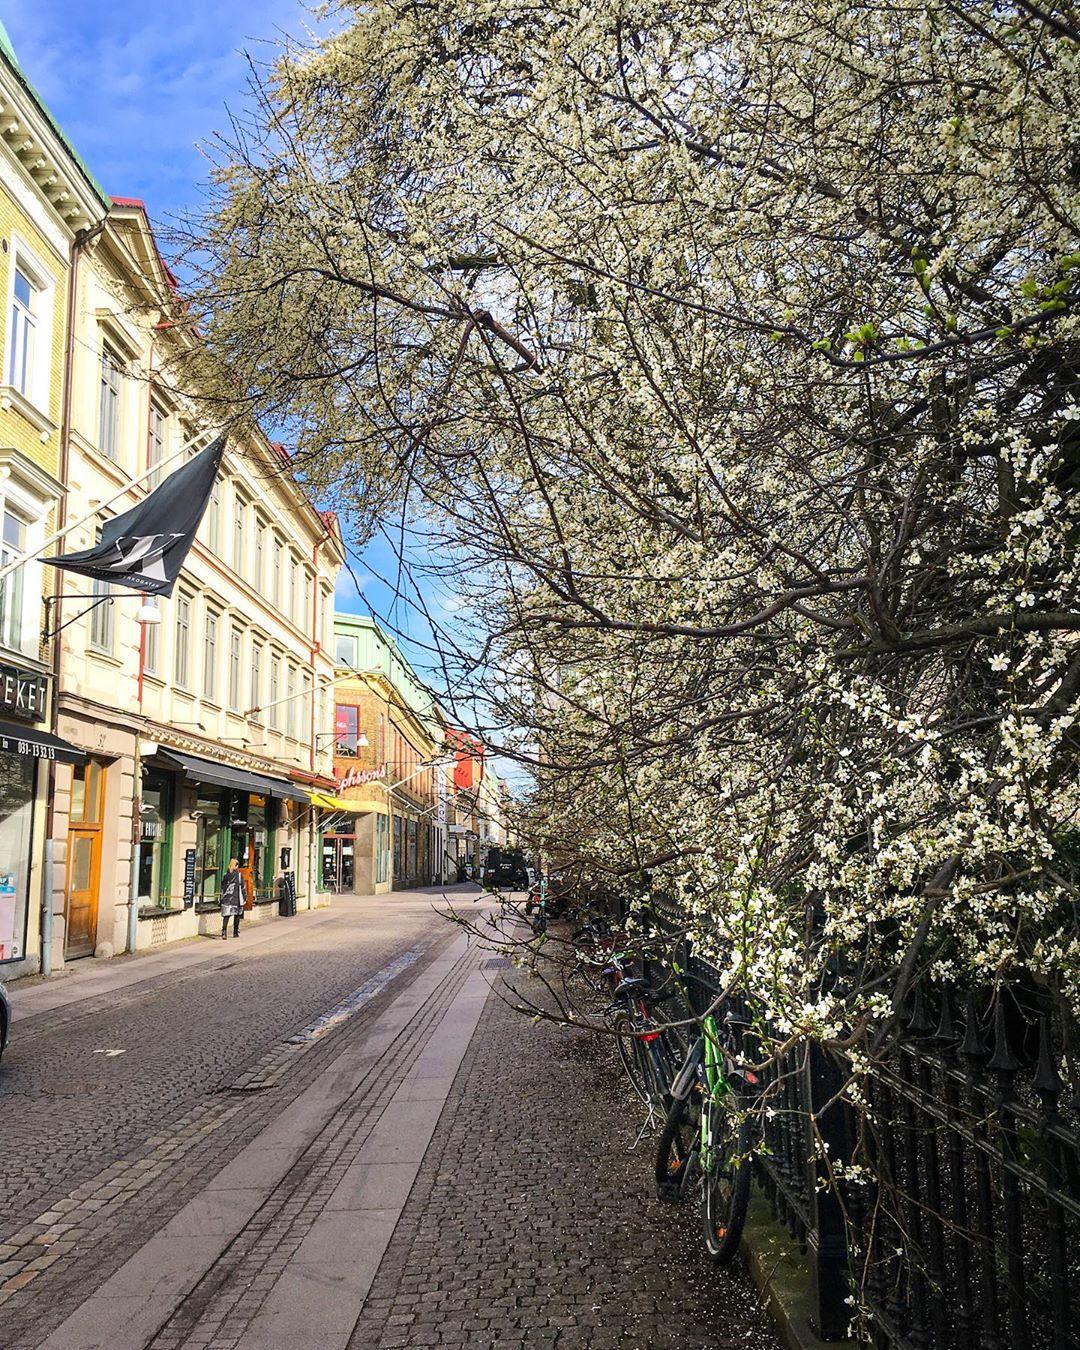 У шведов впереди длинные пасхальные выходные. Пасха, которую отмечают 12 апреля, — аналог майских выходных в России. В этом году большинство сидит по домам. Правительство рекомендует воздержаться даже от поездок к родственникам